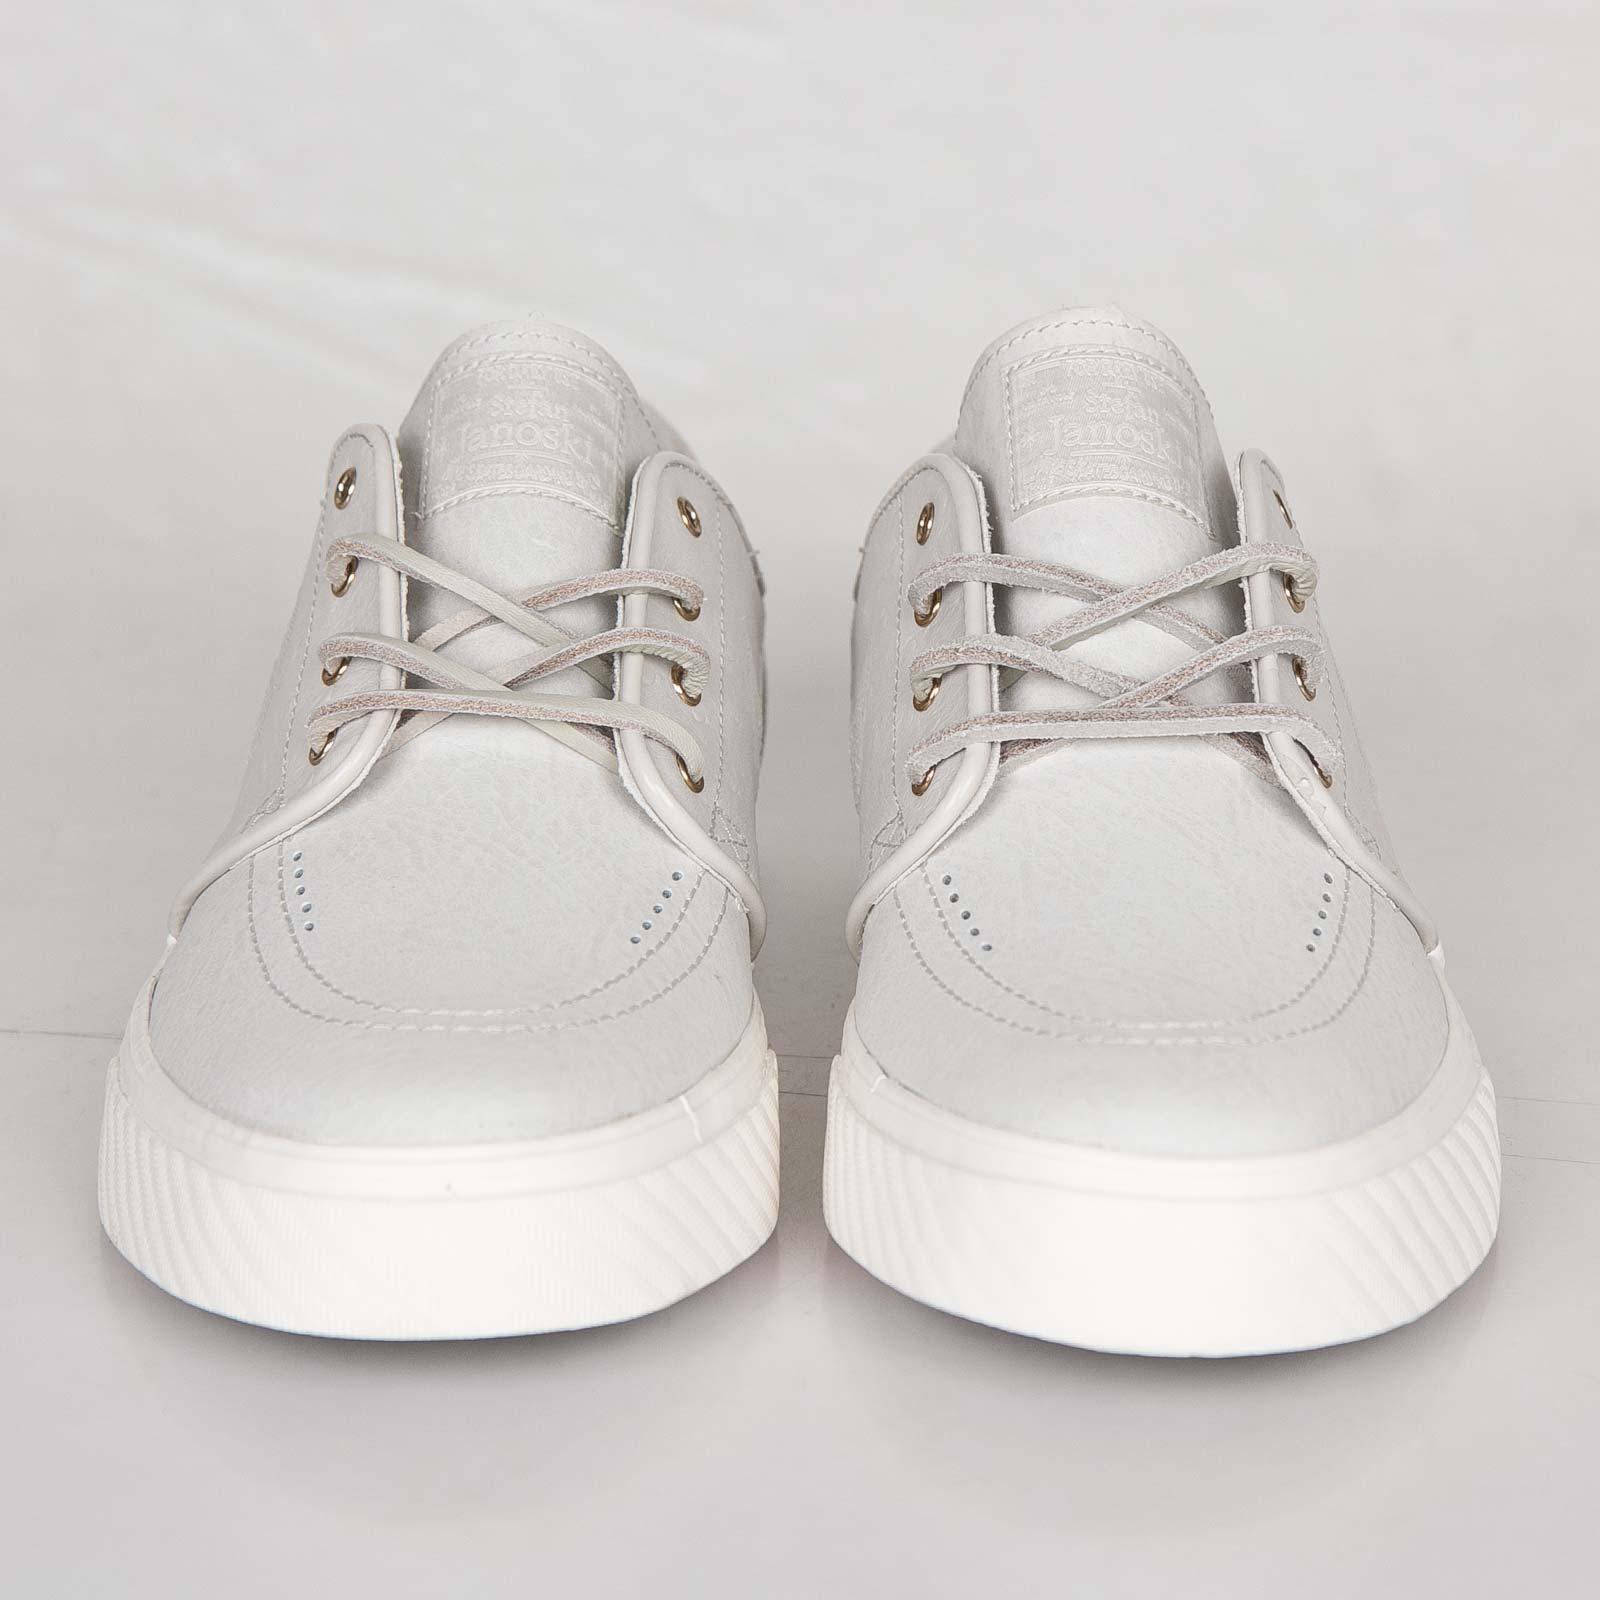 sports shoes 45767 a6263 Nike Zoom Stefan Janoski Premium - 375361-011 - Sneakersnstuff   sneakers    streetwear online since 1999